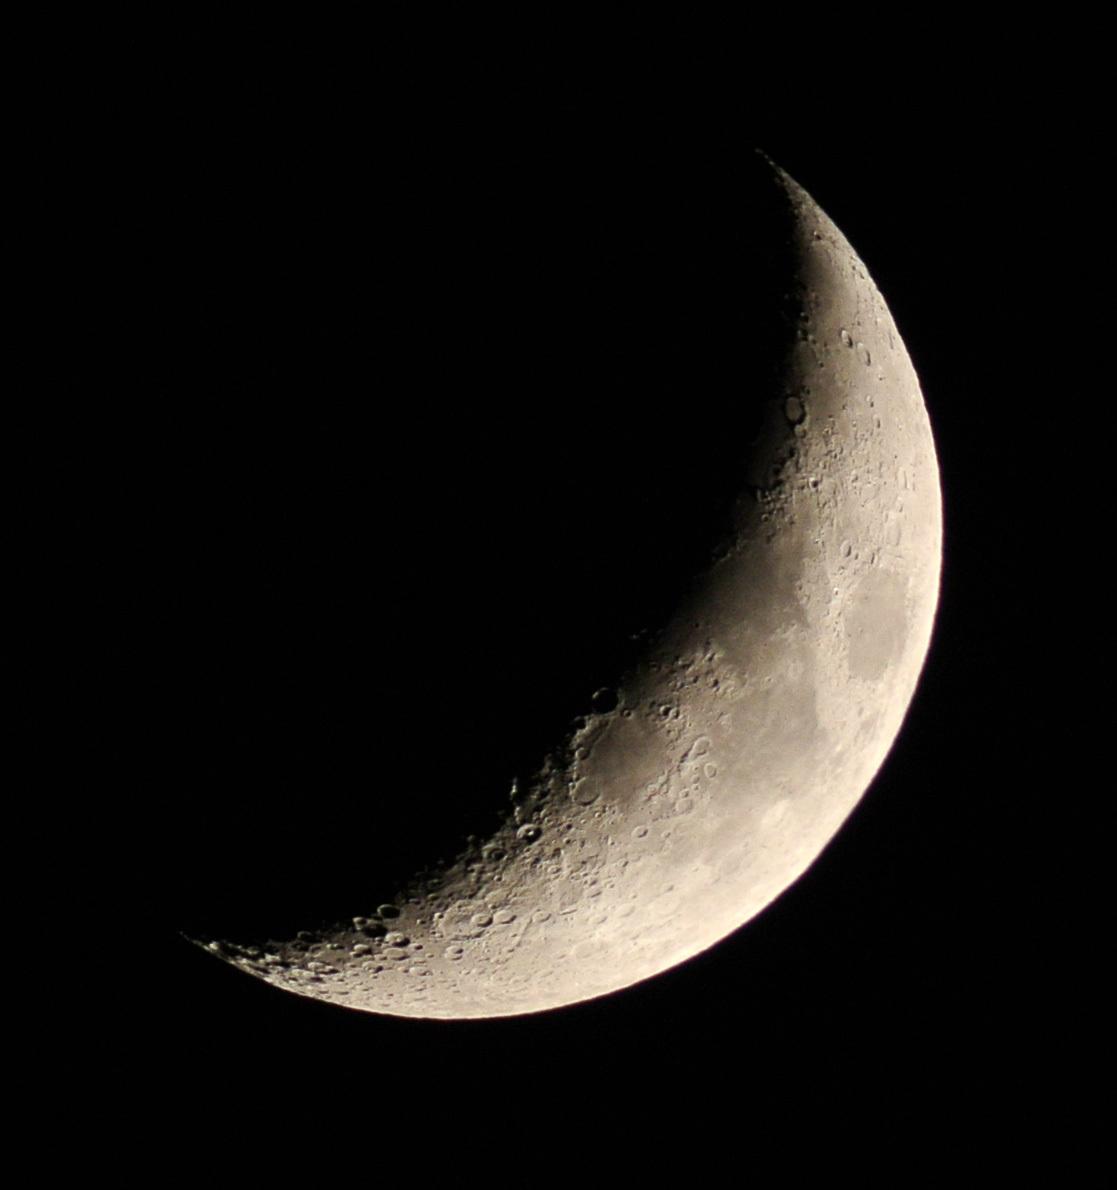 2014年11月27日の月(月齢4.8)_e0089232_17433714.jpg